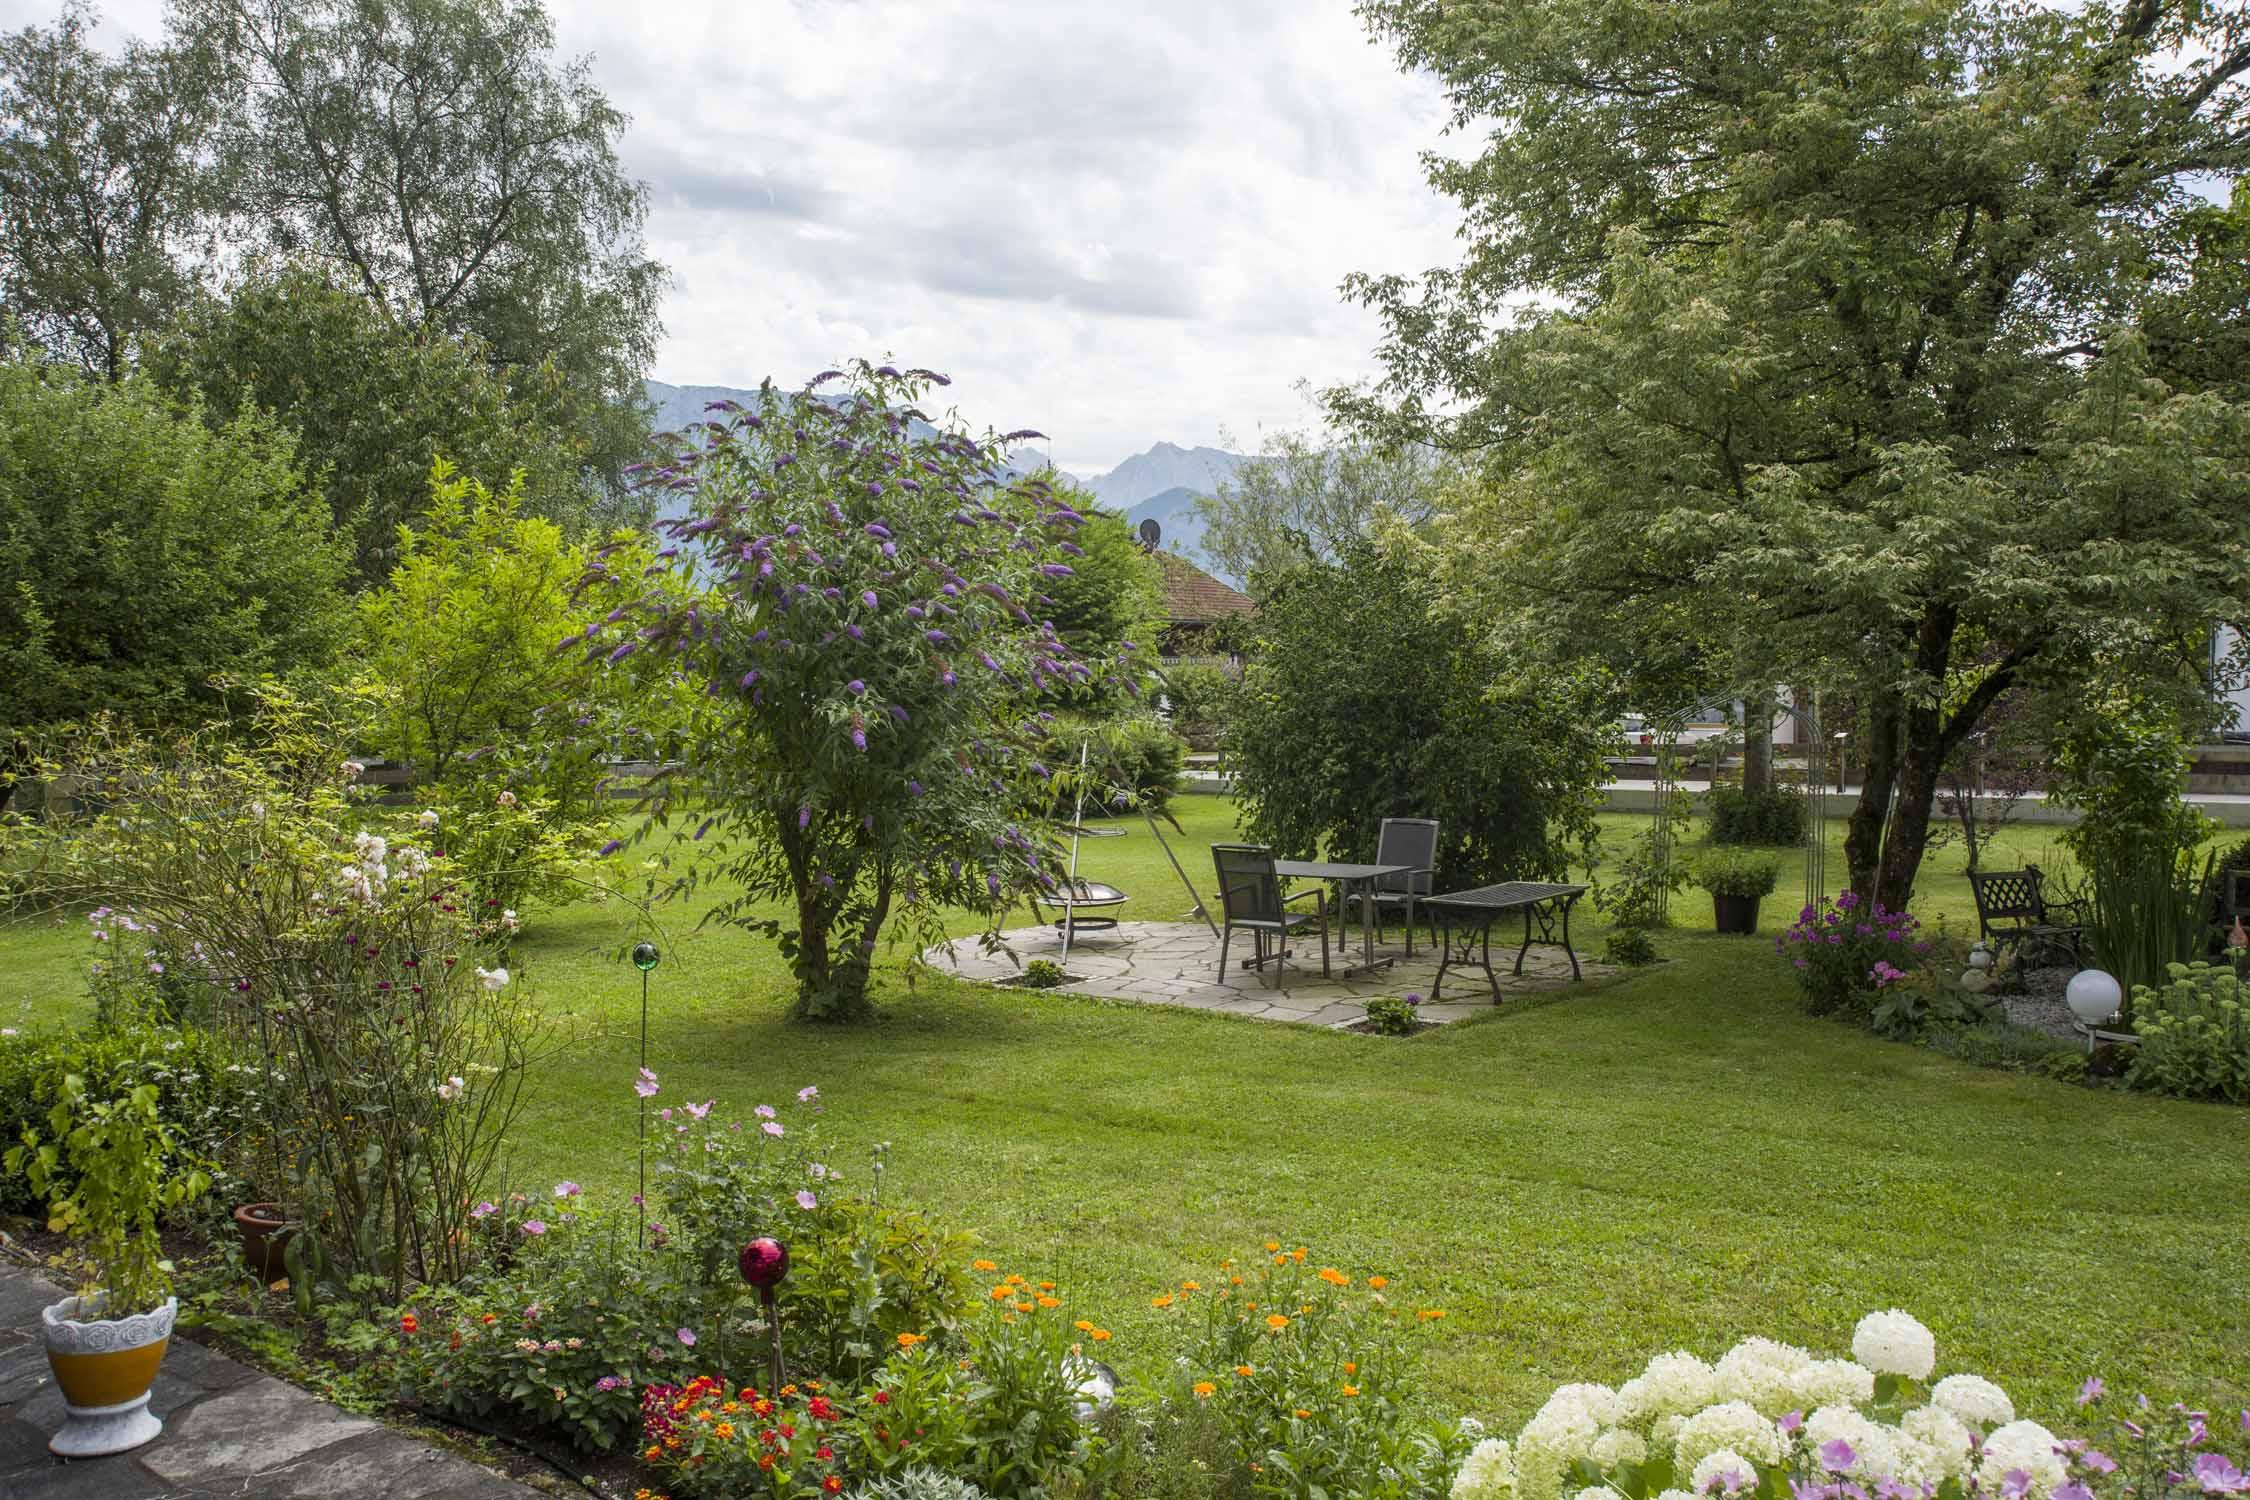 Ferienwohnung Haus Enzian (DE Oberaudorf). 1-Zimmer Ferienwohnung 35qm (709911), Oberaudorf, Chiemgau, Bayern, Deutschland, Bild 3